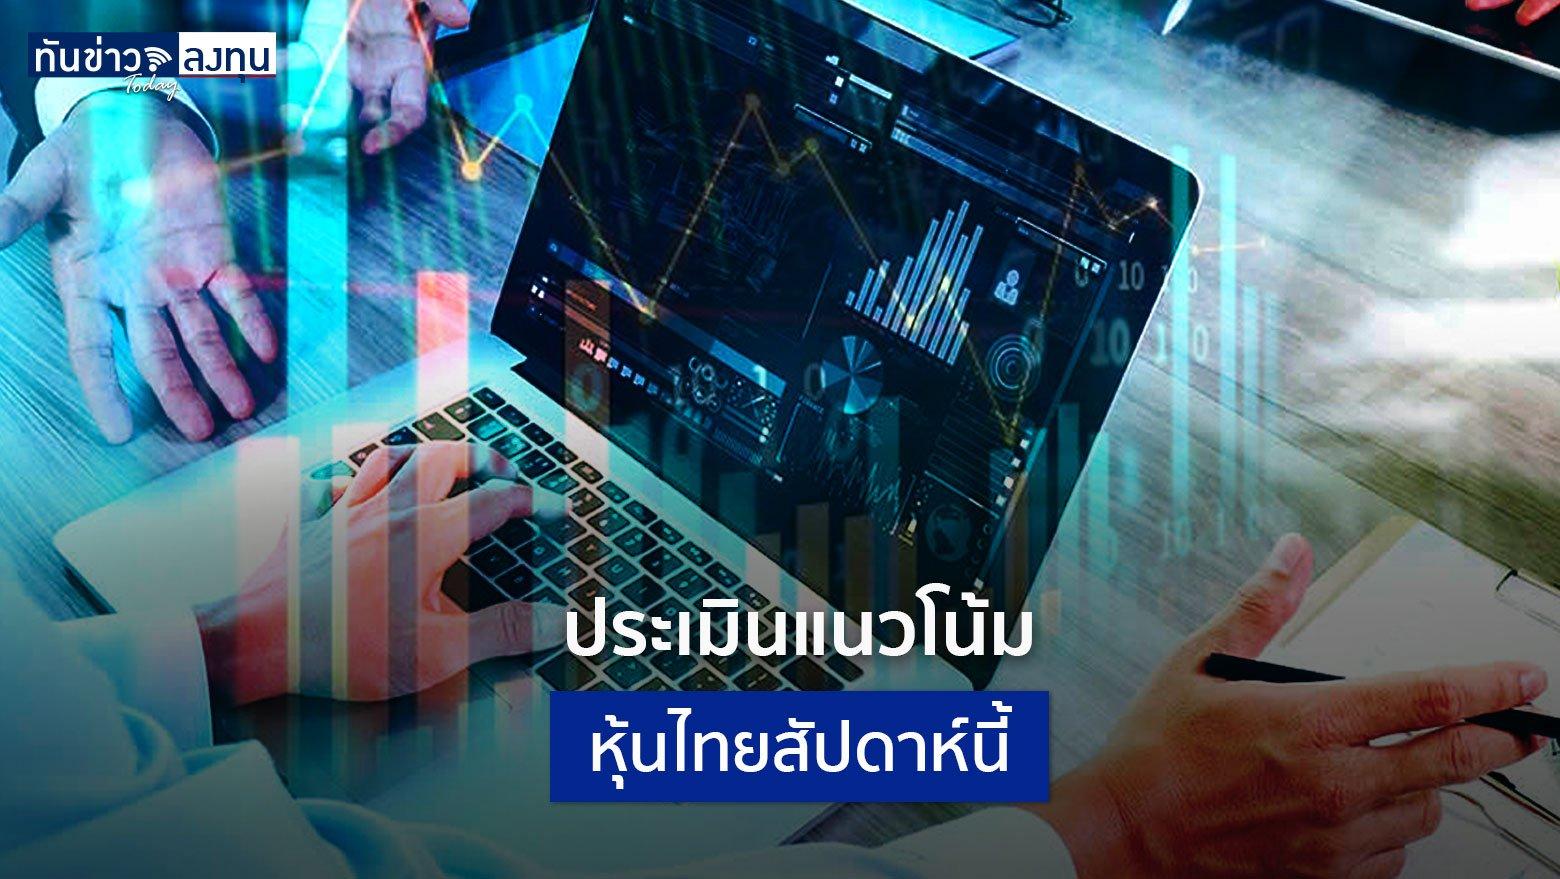 ประเมินแนวโน้มหุ้นไทยสัปดาห์นี้